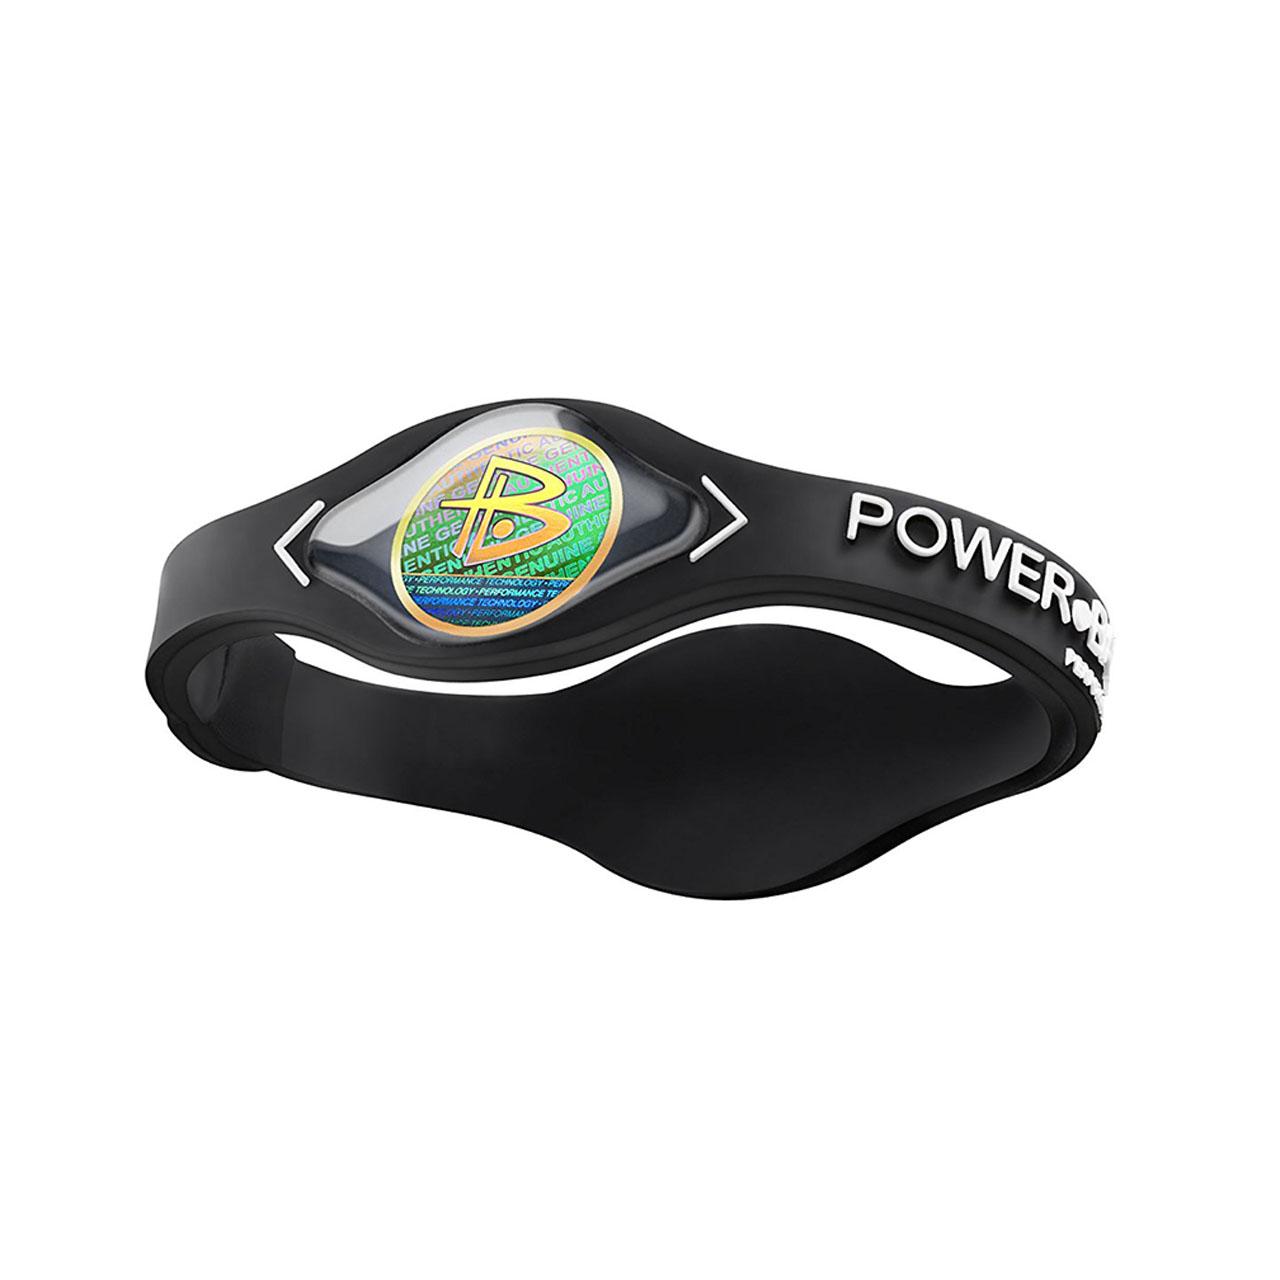 دستبند مغناطیسی پاور بالانس مدل BLACK Power Balance 2